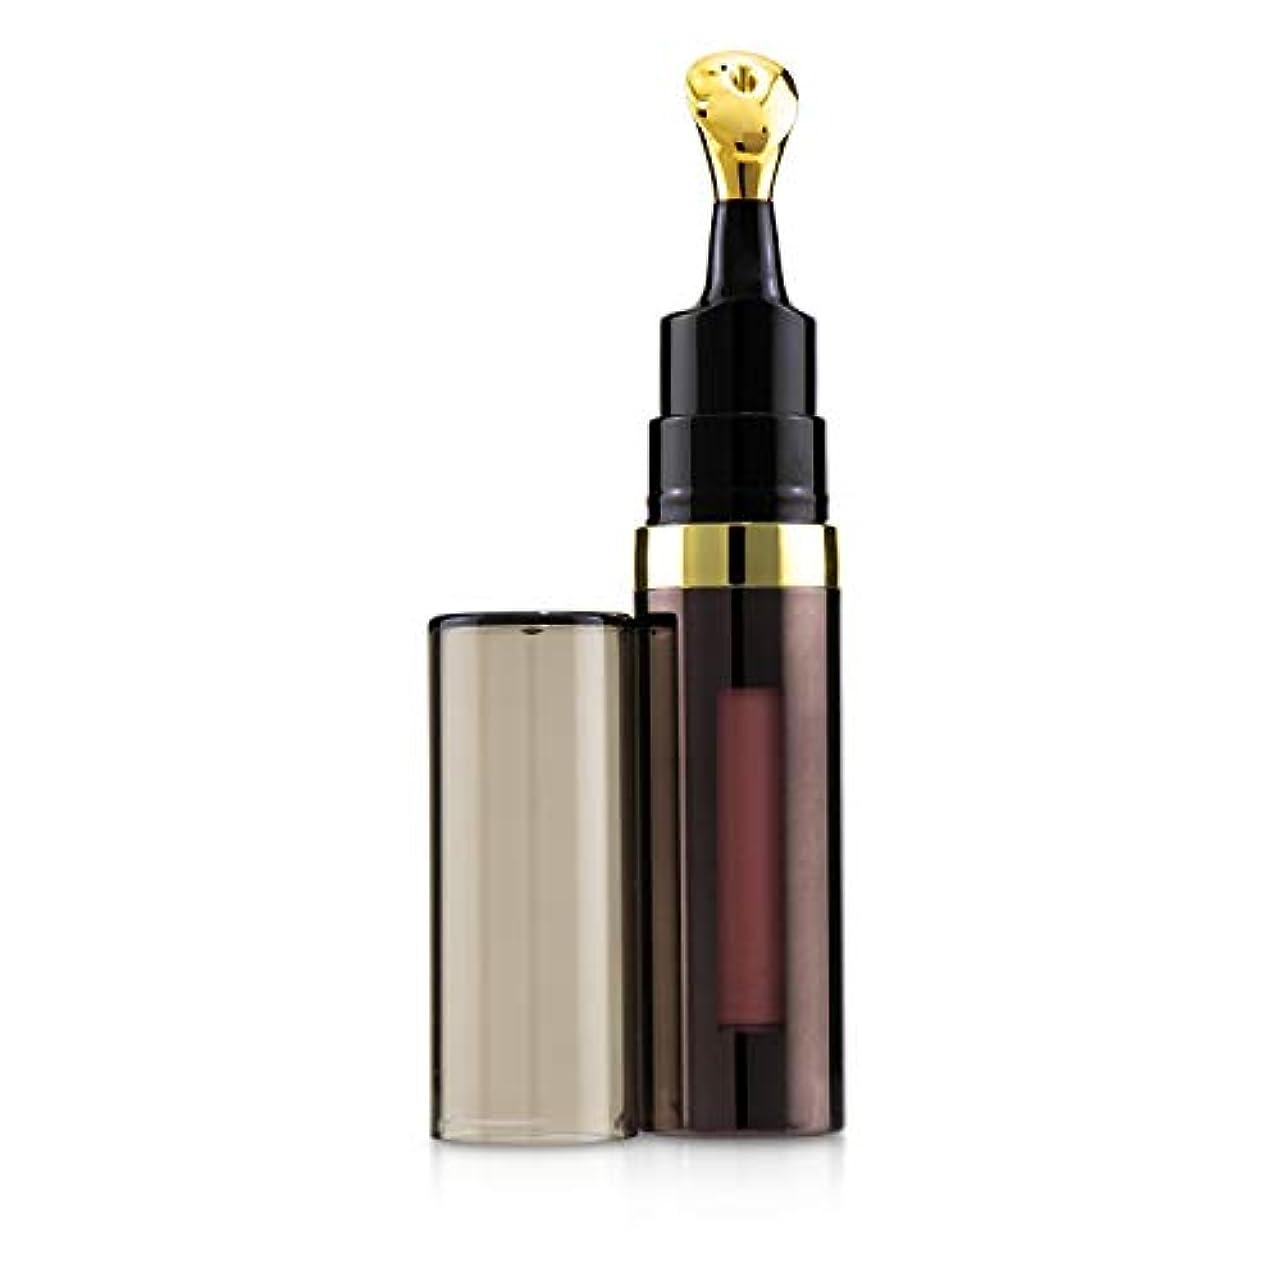 減らす暫定美しいアワーグラス No.28 Lip Treatment Oil - # Bare (Peachy Pink) 7.5ml/0.25oz並行輸入品